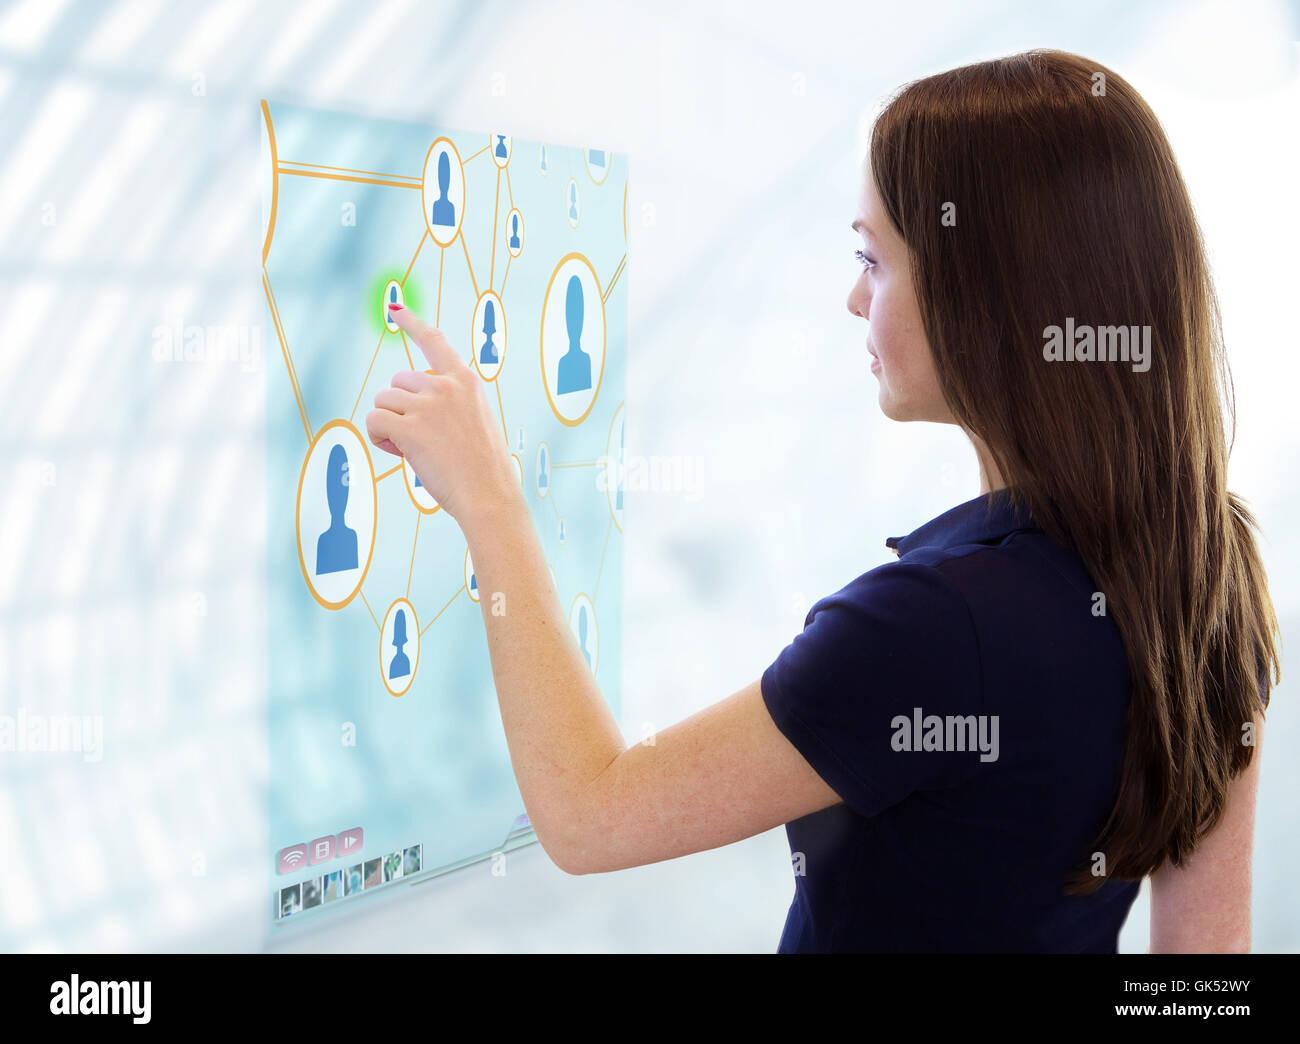 woman future communication - Stock Image